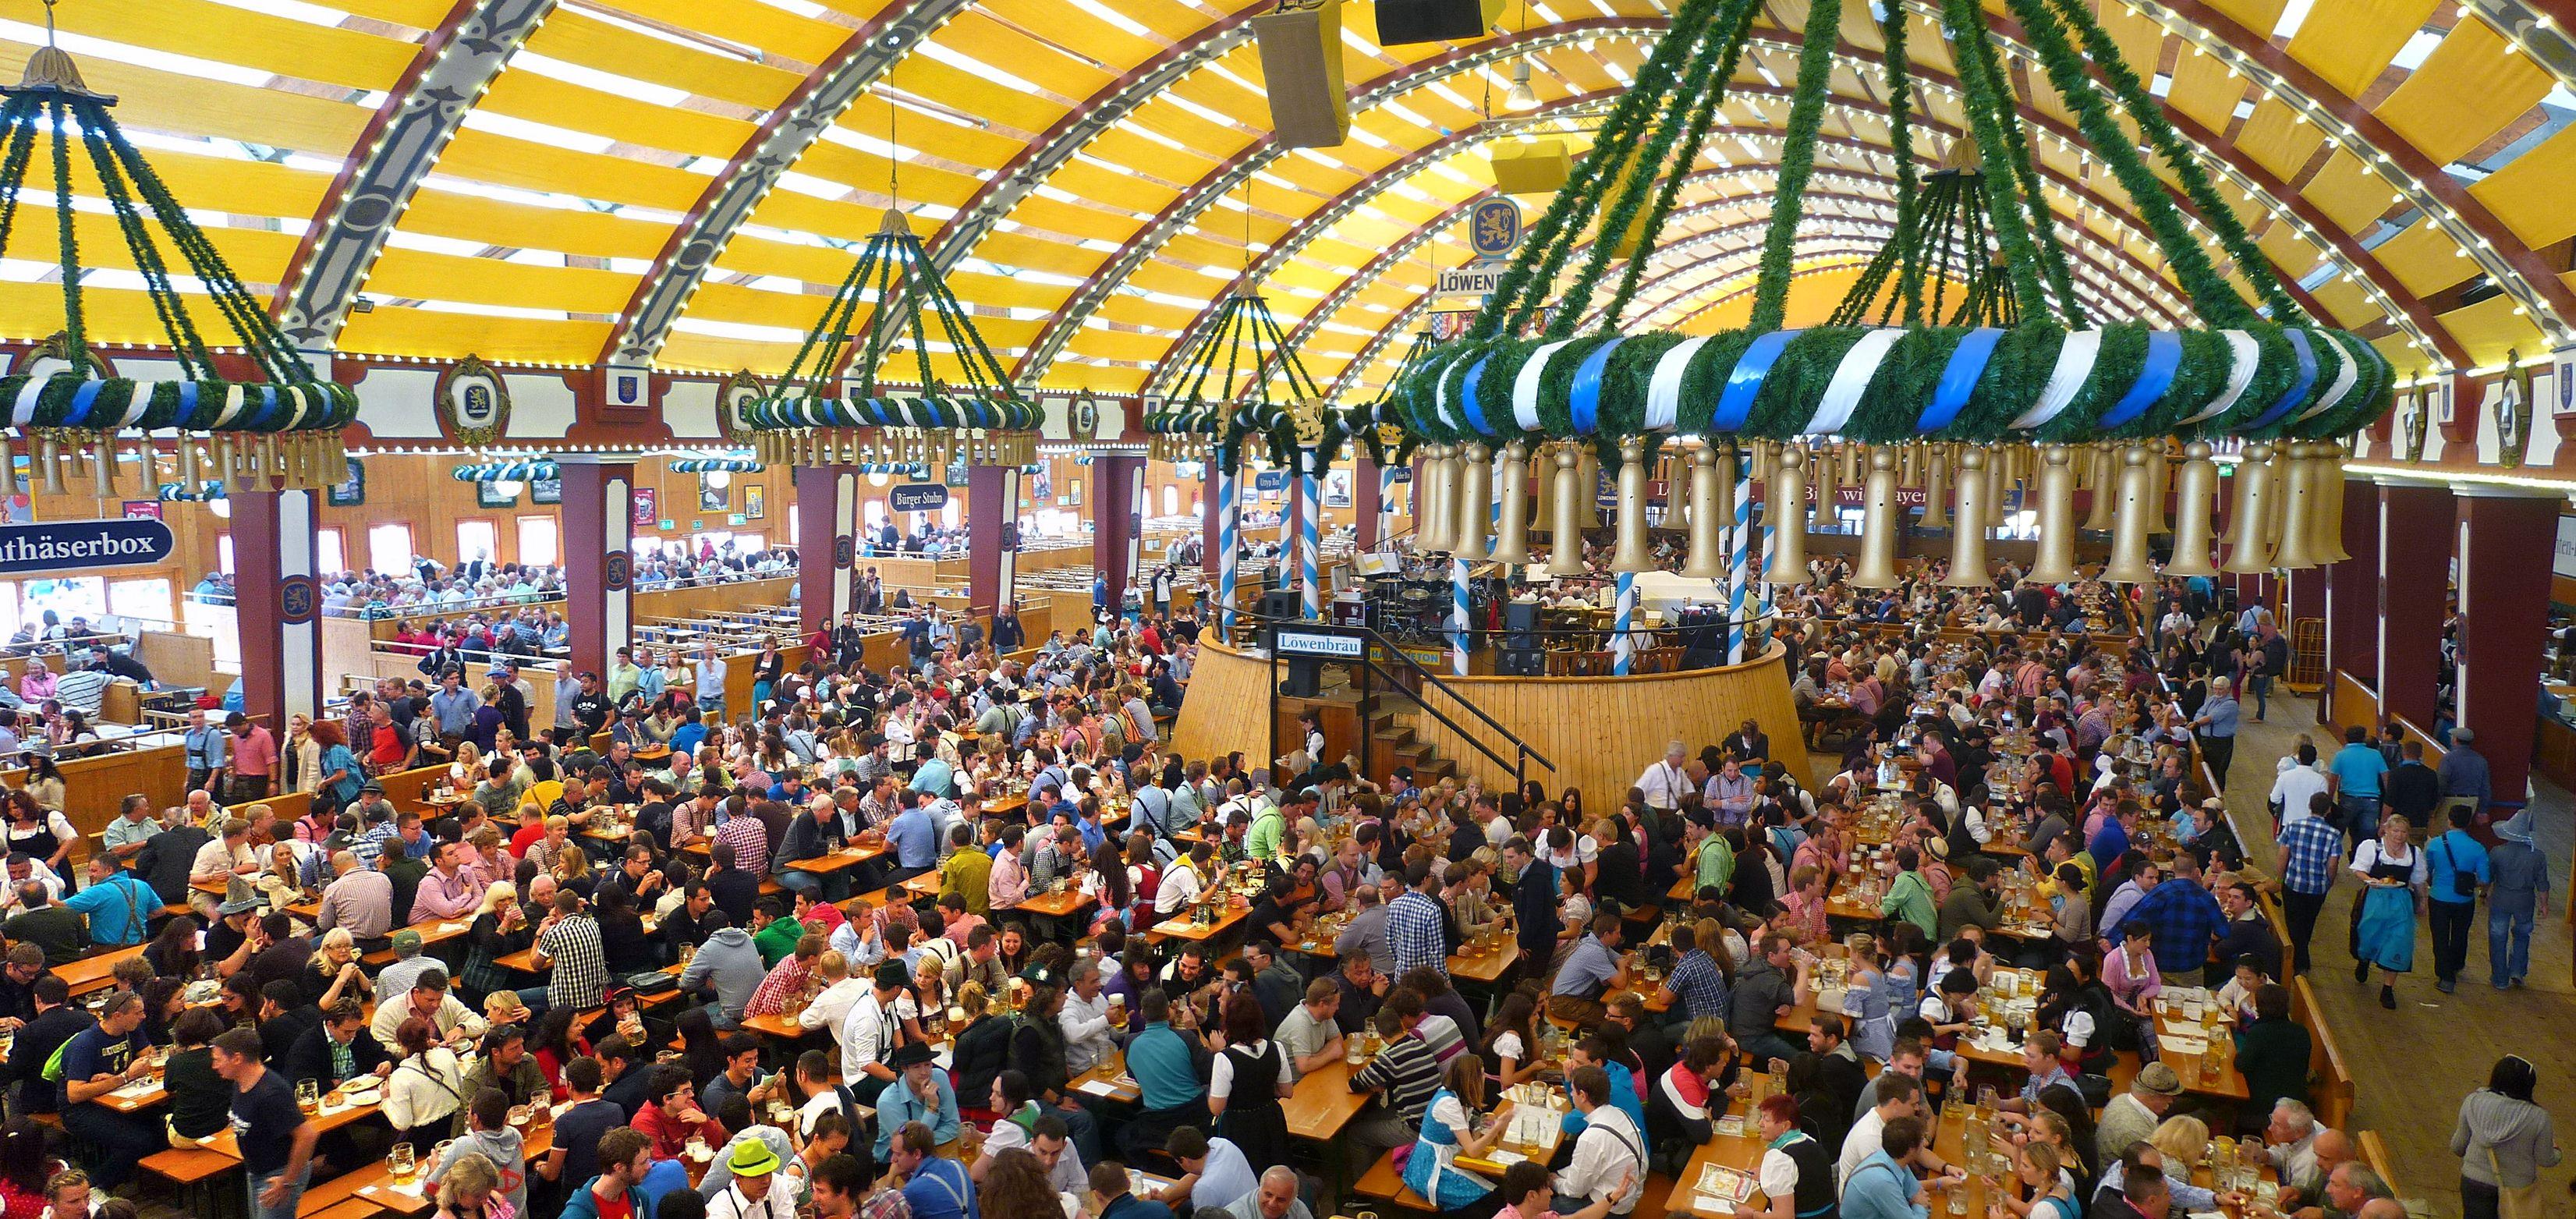 Oktoberfest beer hall